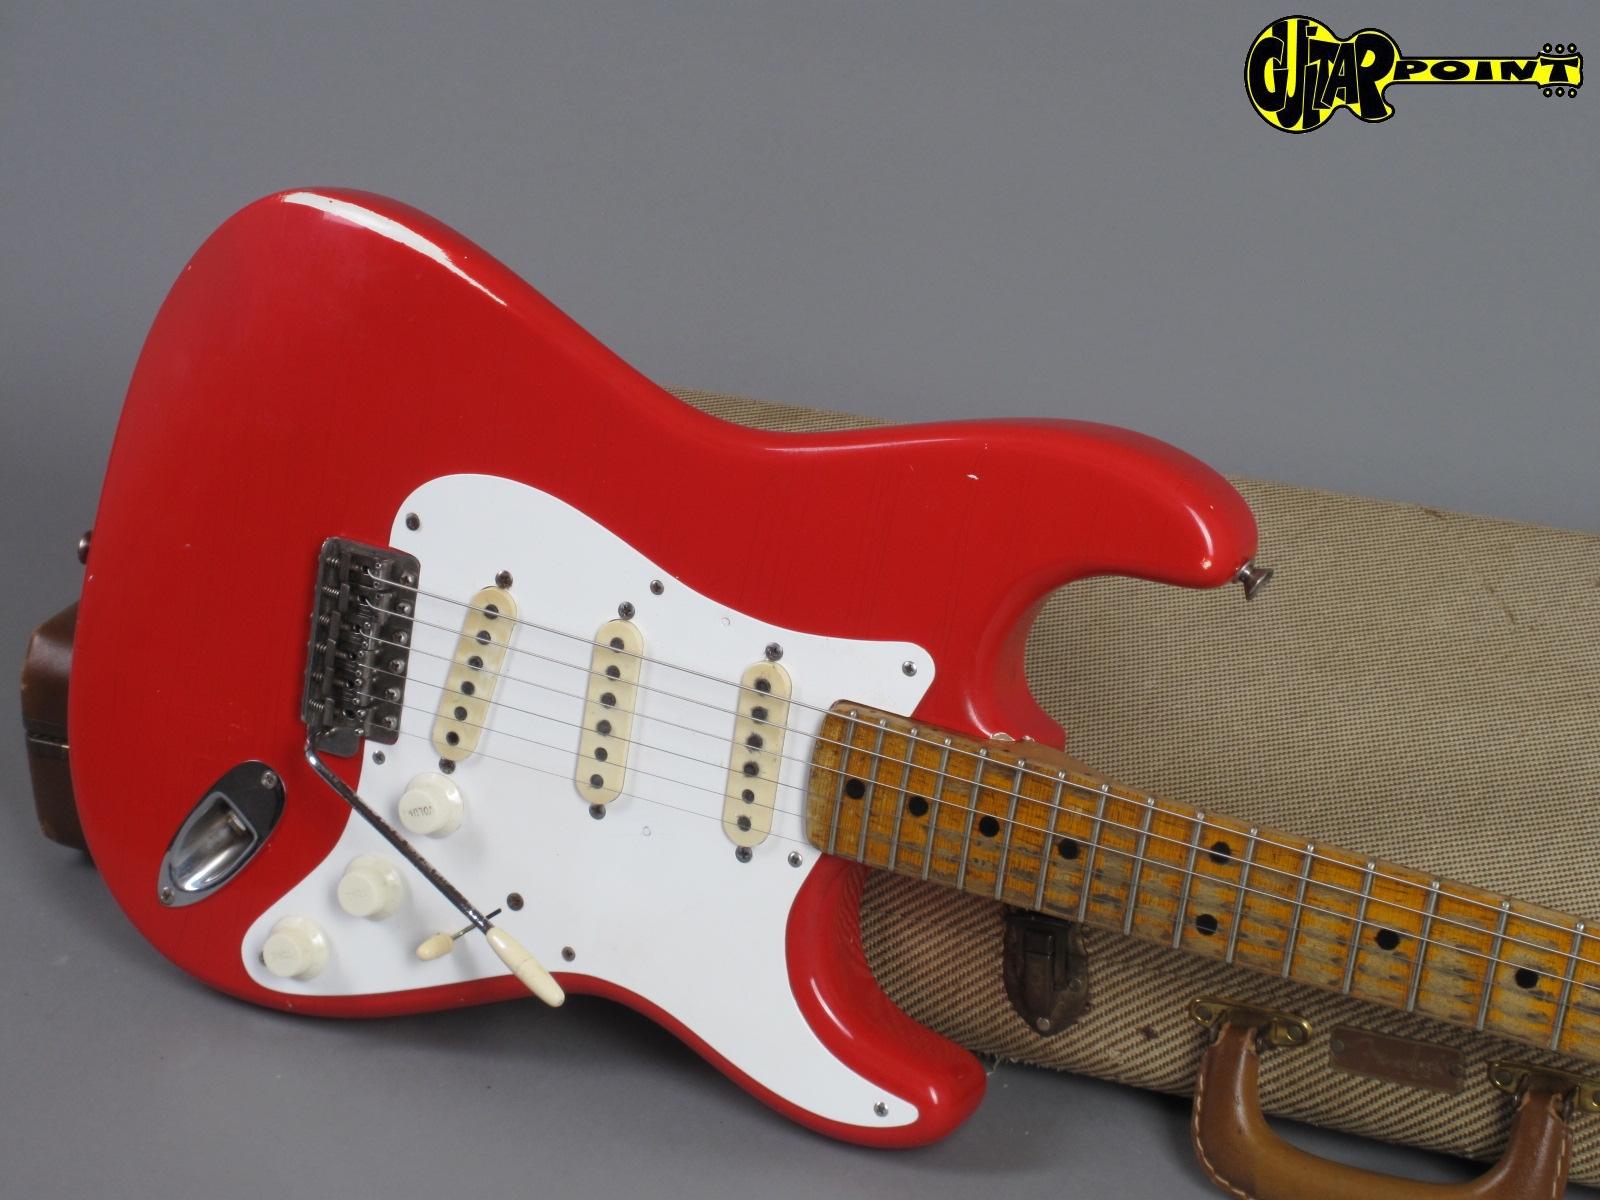 1958 fender stratocaster fiesta red only 3 34kg vi58strfiestar29487. Black Bedroom Furniture Sets. Home Design Ideas